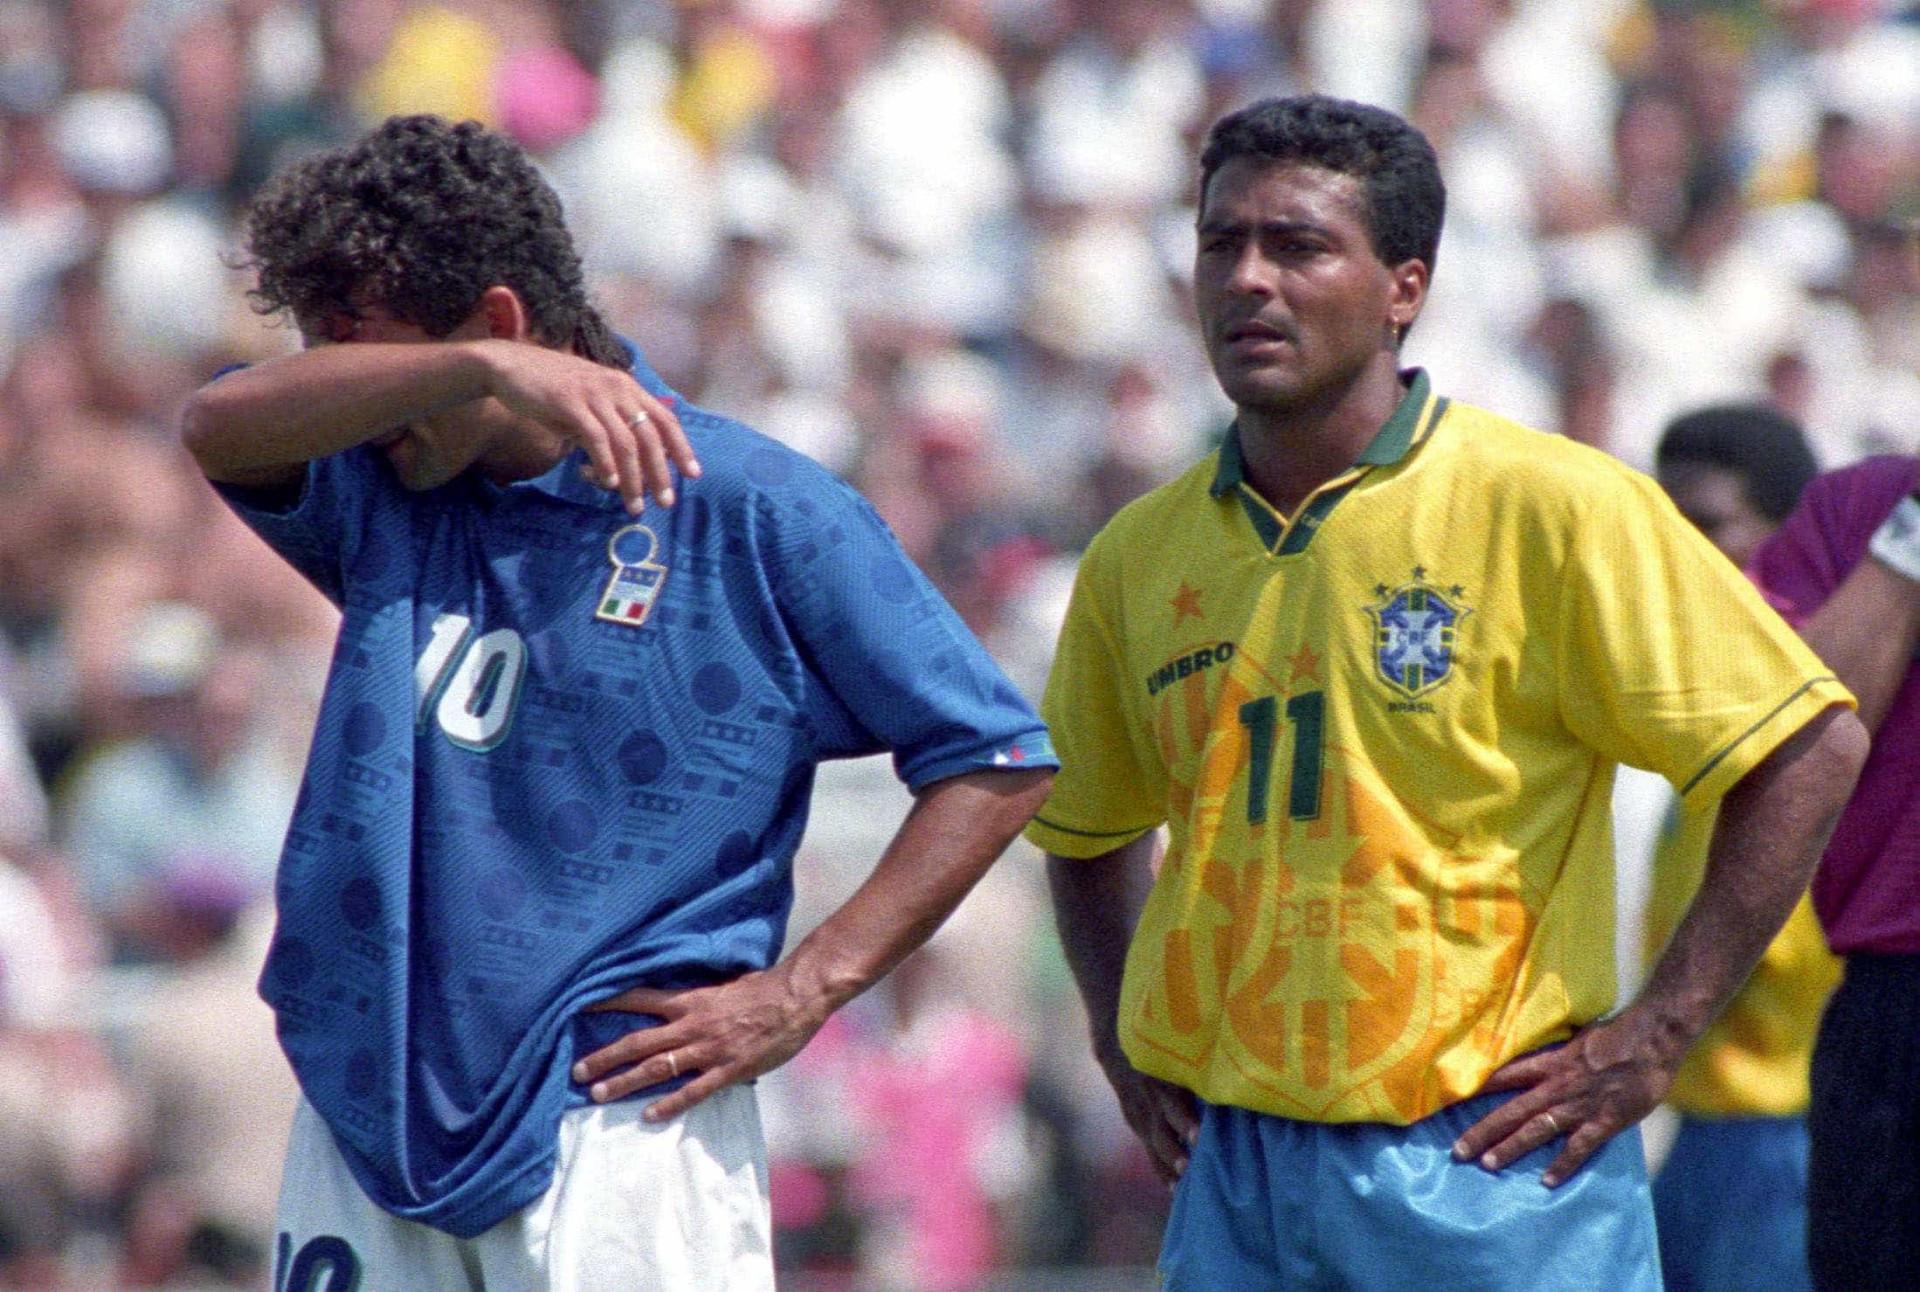 Há 23 anos o Brasil se tornava o maior vencedor de Copas do Mundo